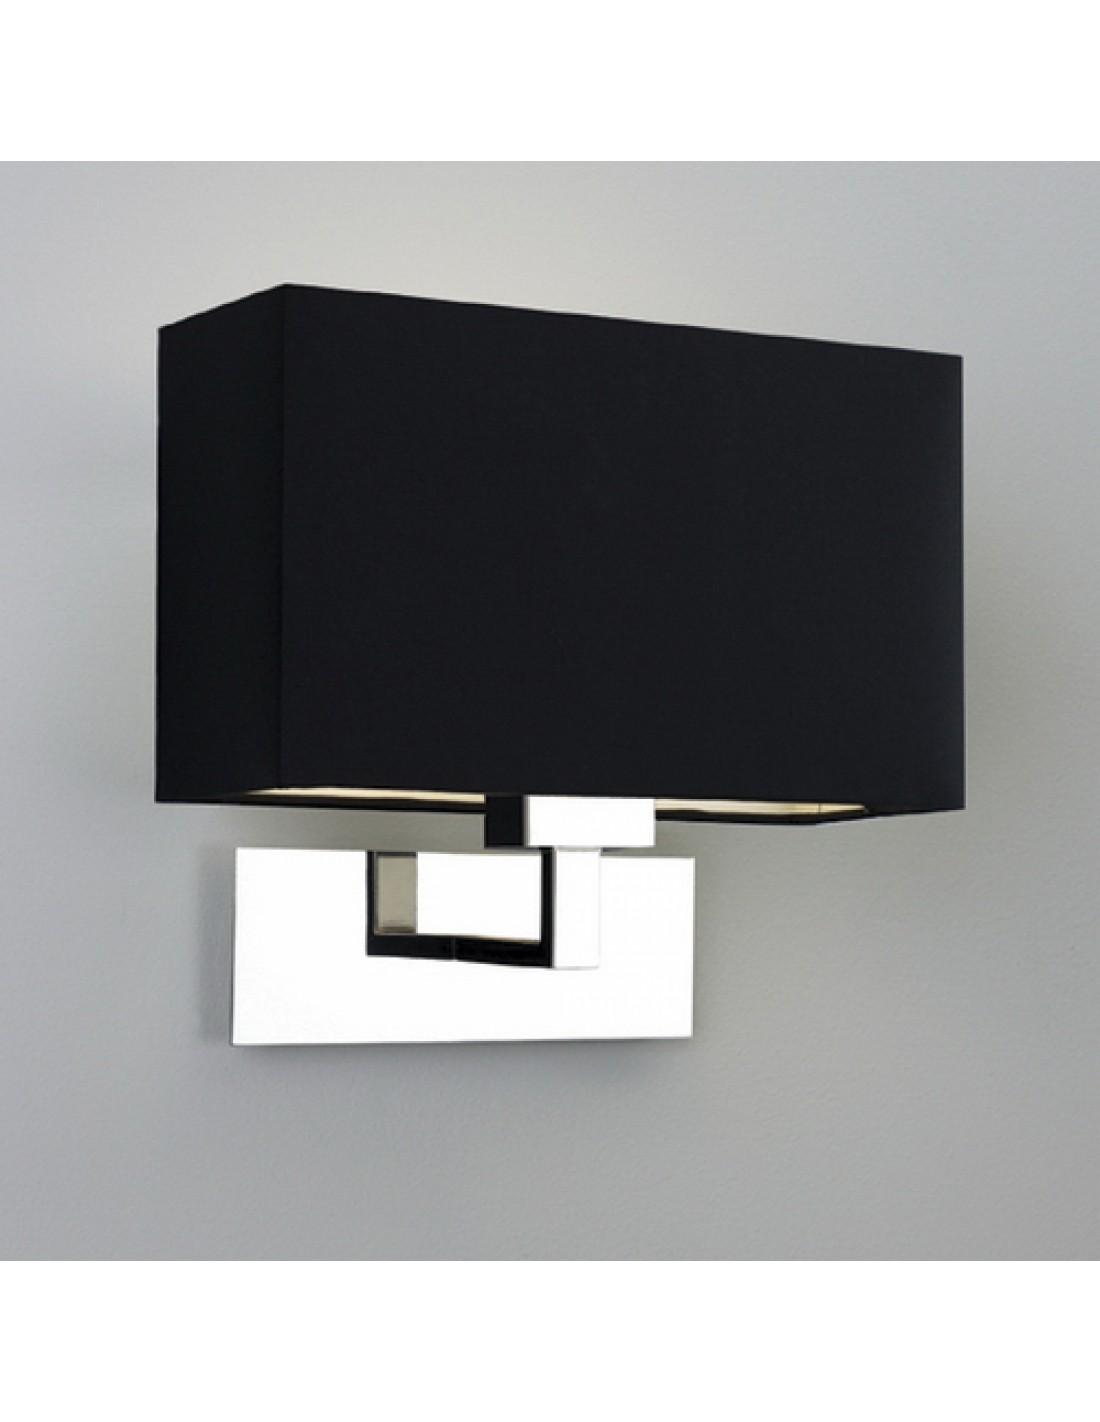 applique park lane grande chrome  abat-jour noir astro lighting